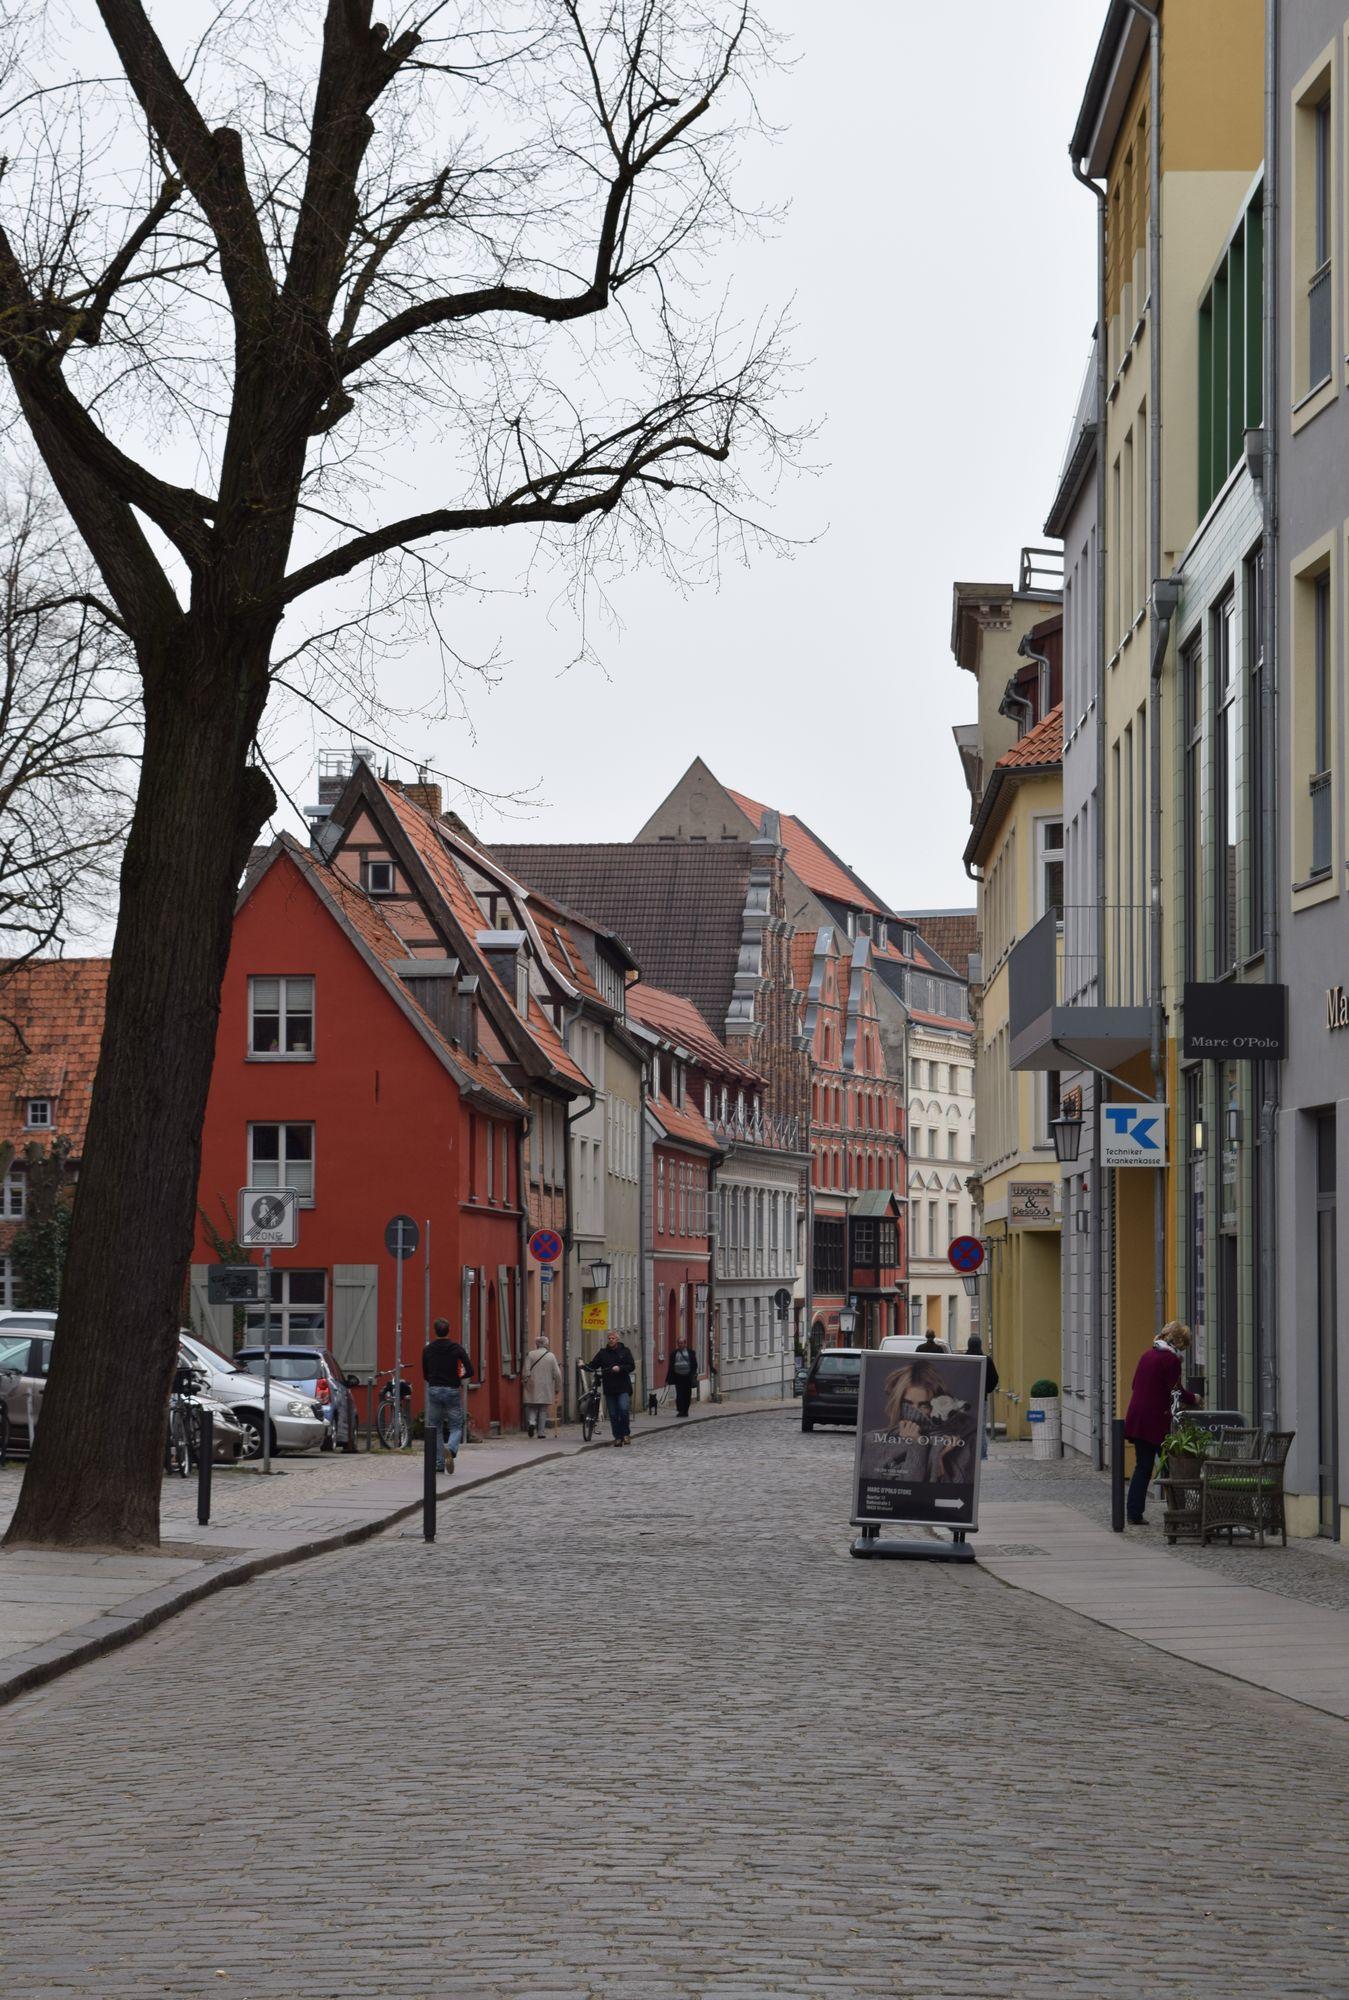 Badenstrasse söder om St. Nikolai Kirche. Gatans svängda form sluter gaturummet.